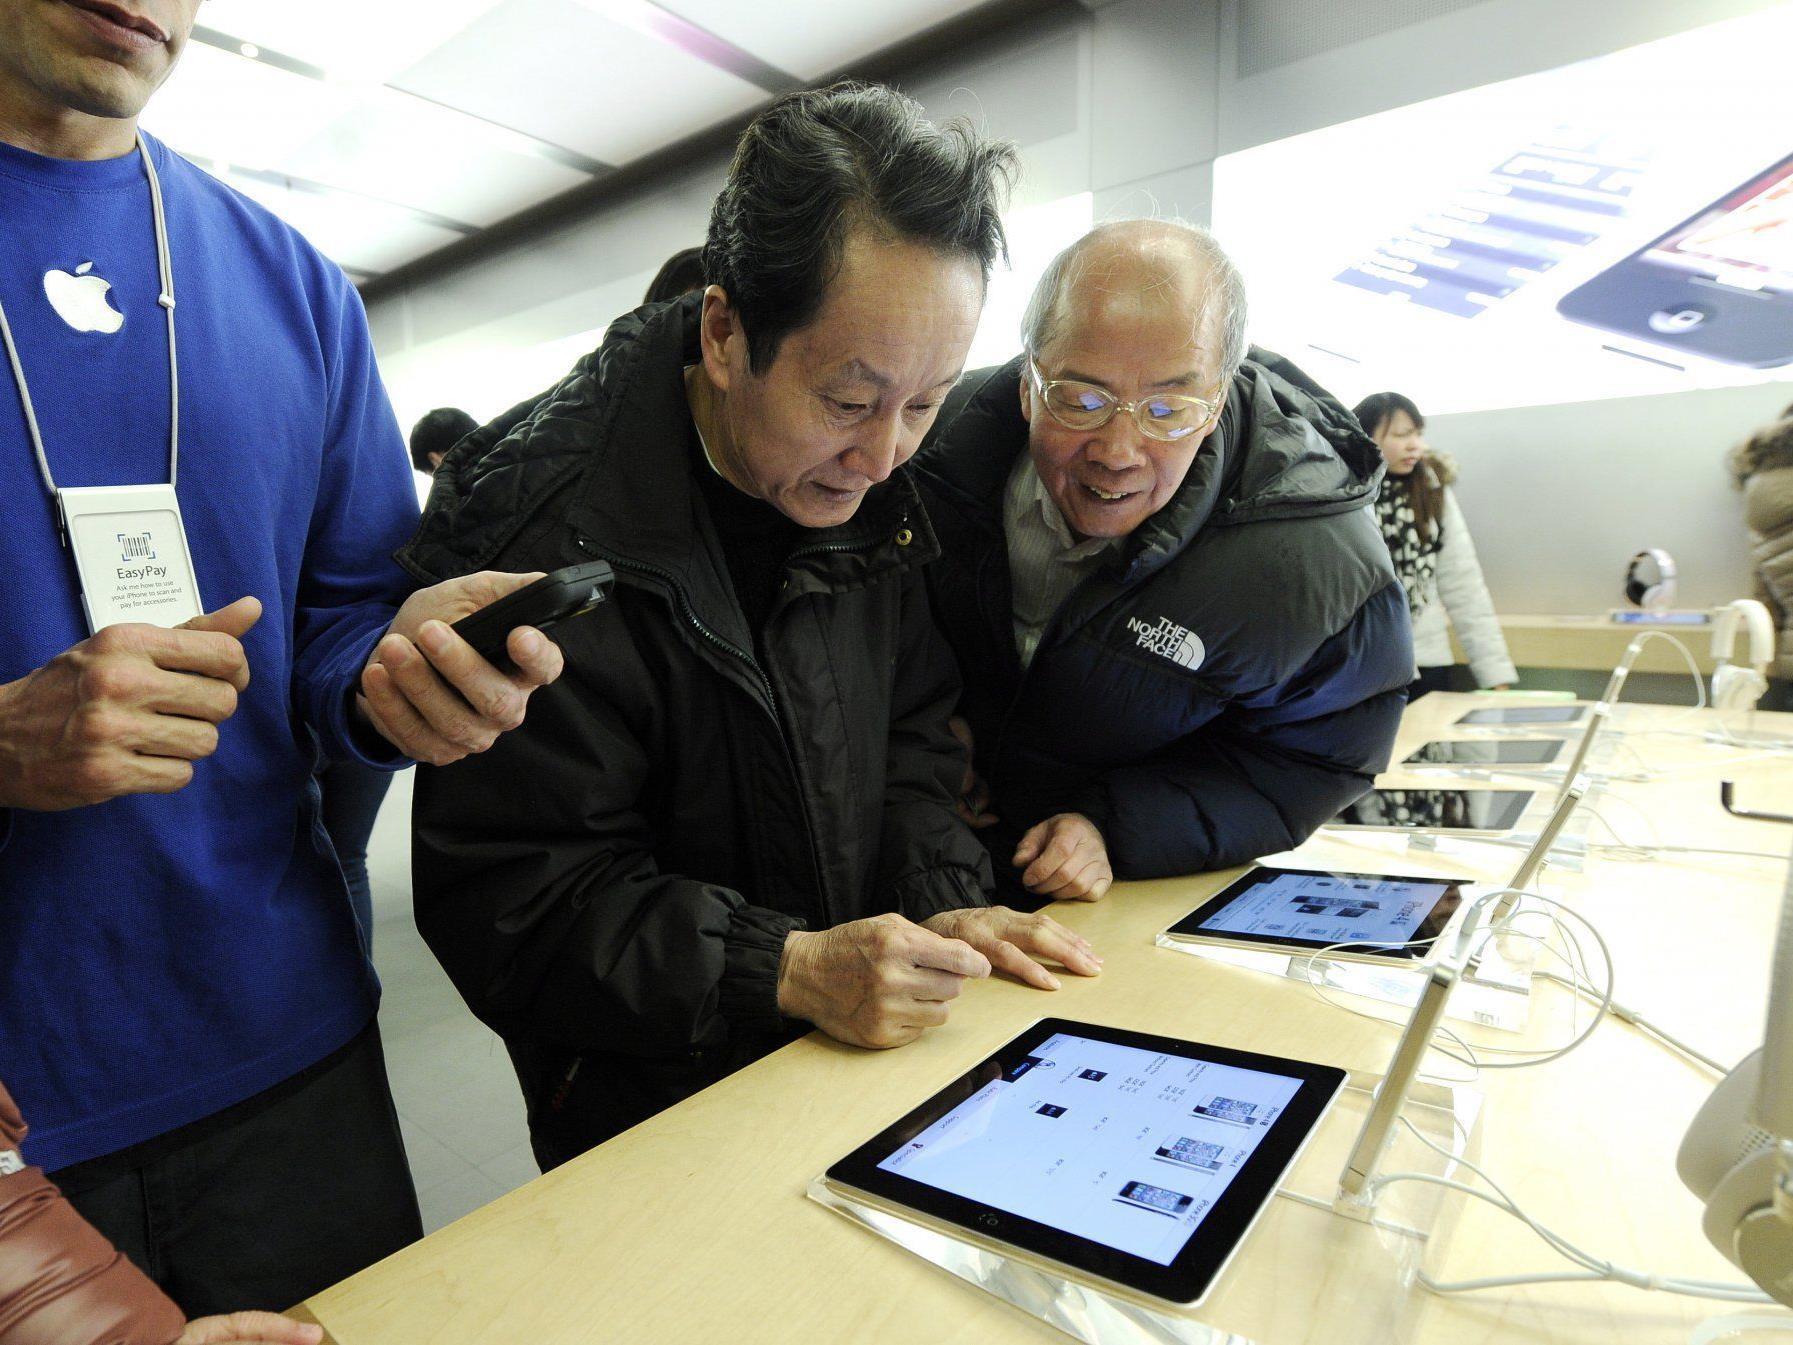 Jubelstimmung bei Apple: die neuen iPads gehen weg wie warme Semmeln.